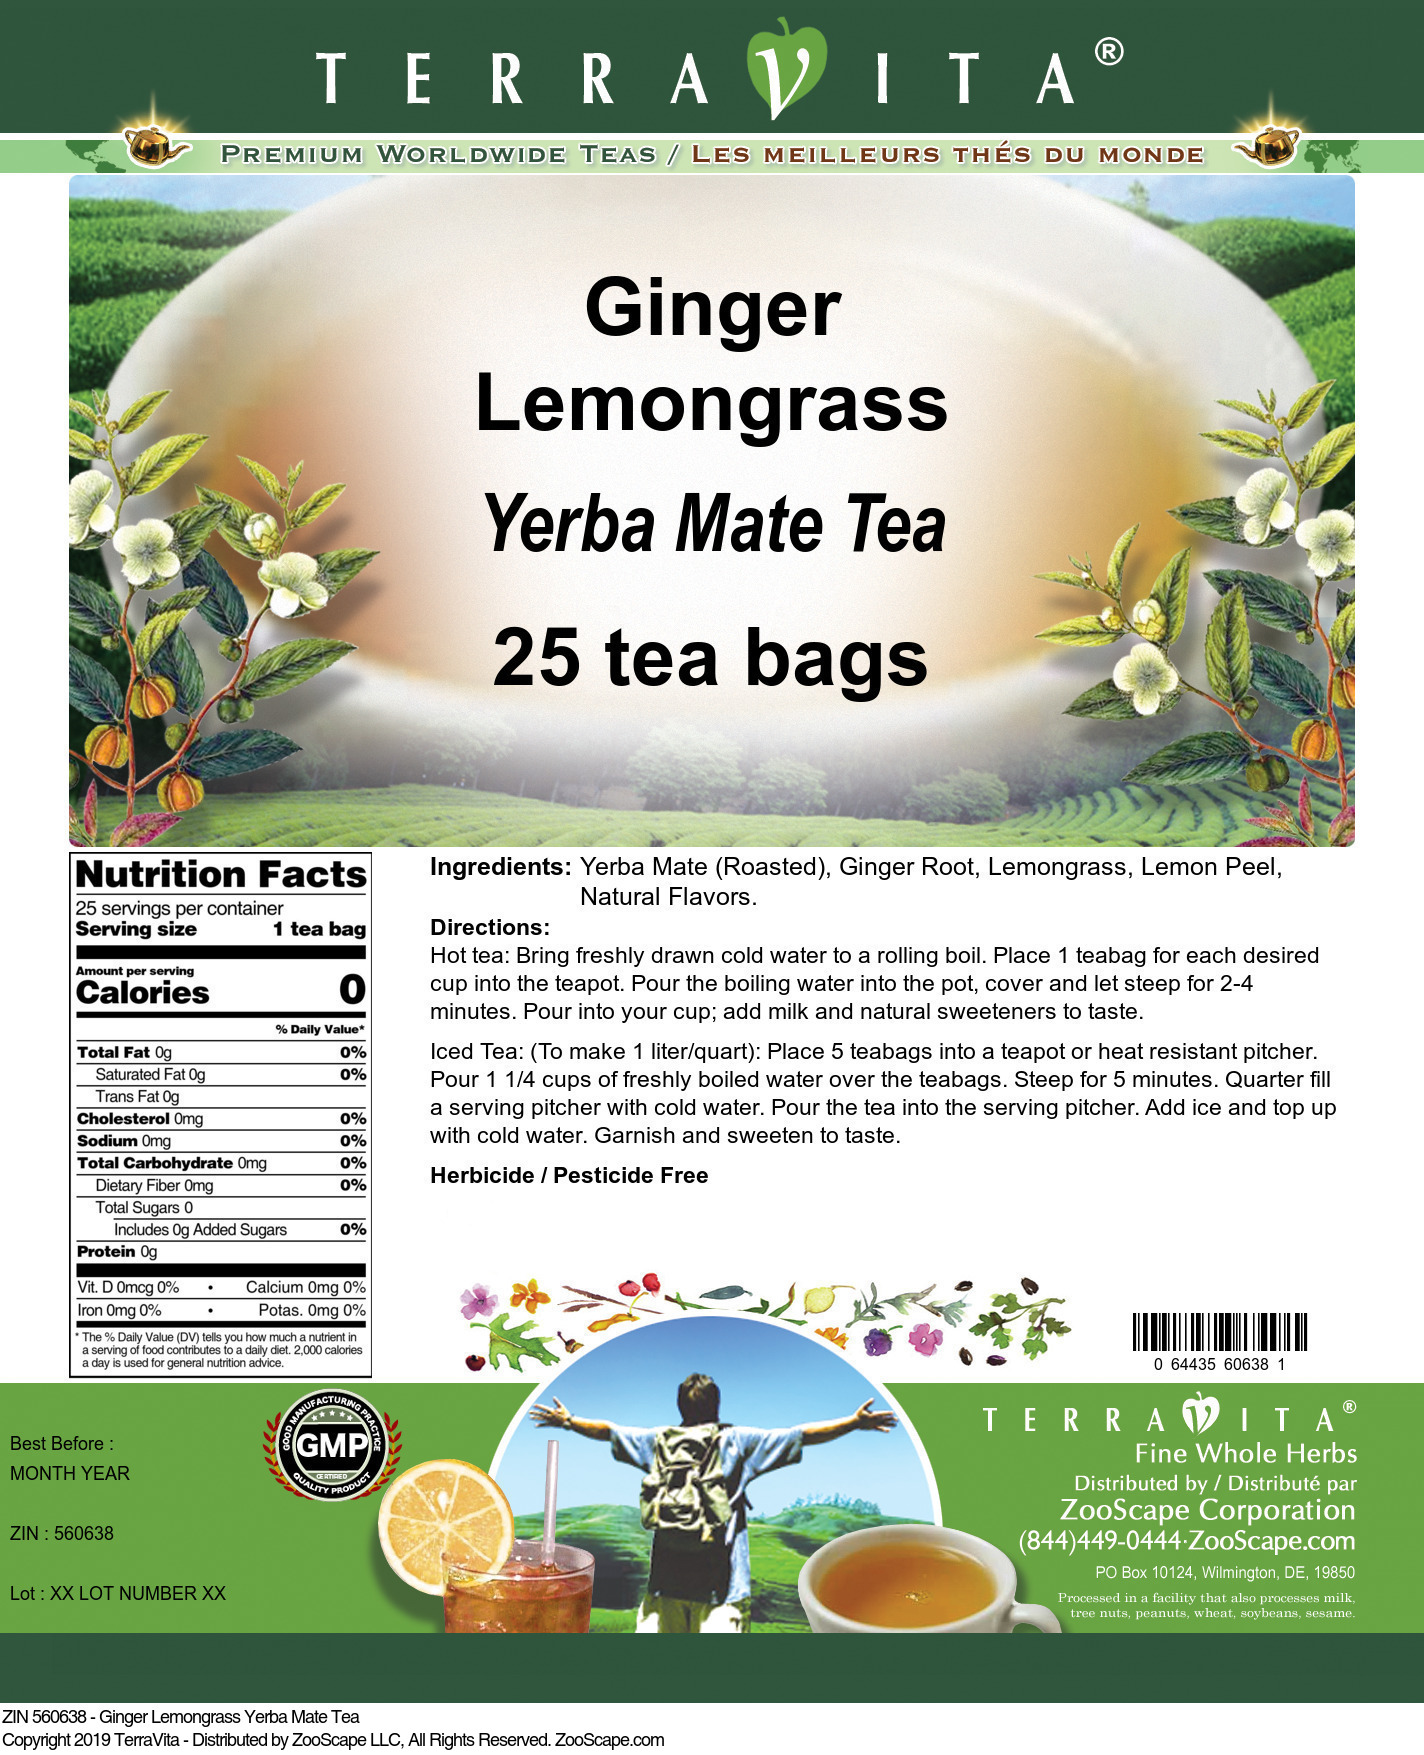 Ginger Lemongrass Yerba Mate